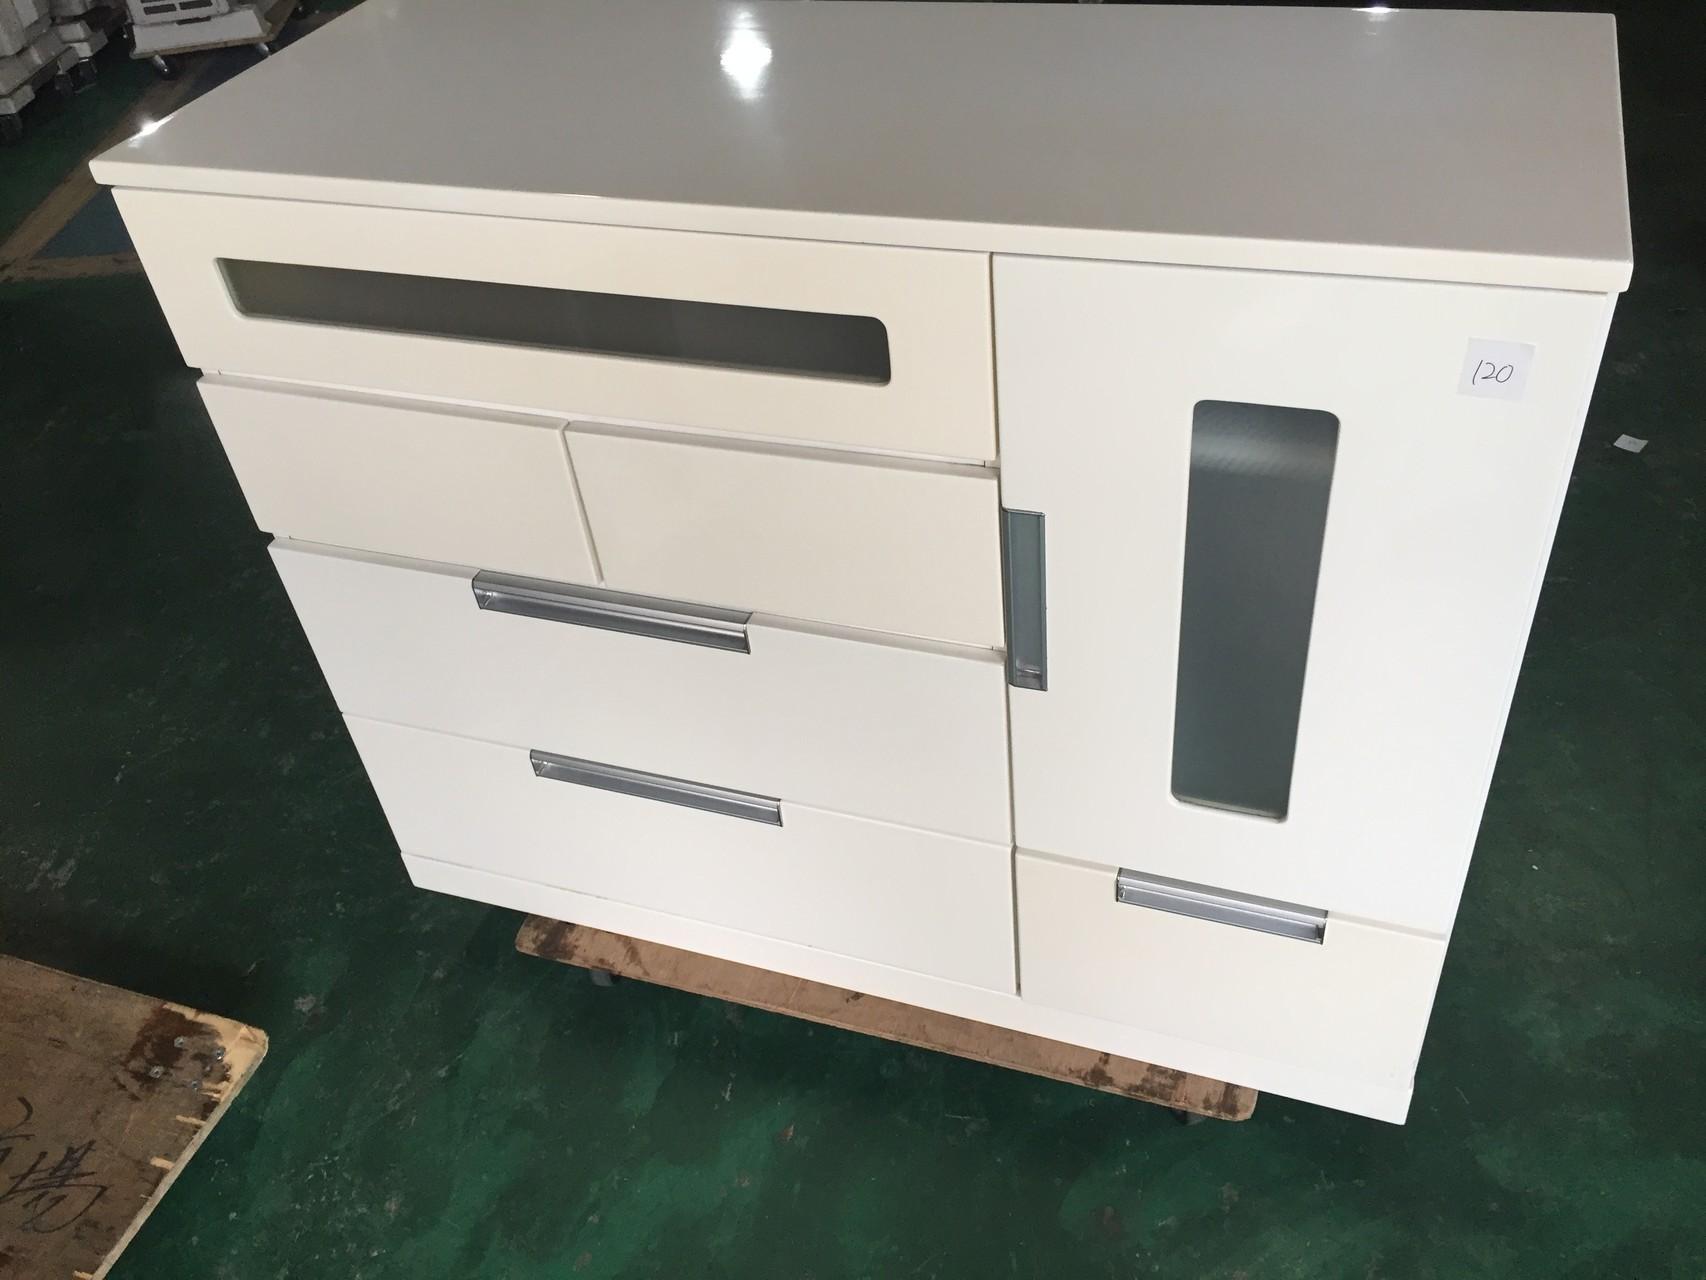 ロータイプ食器棚